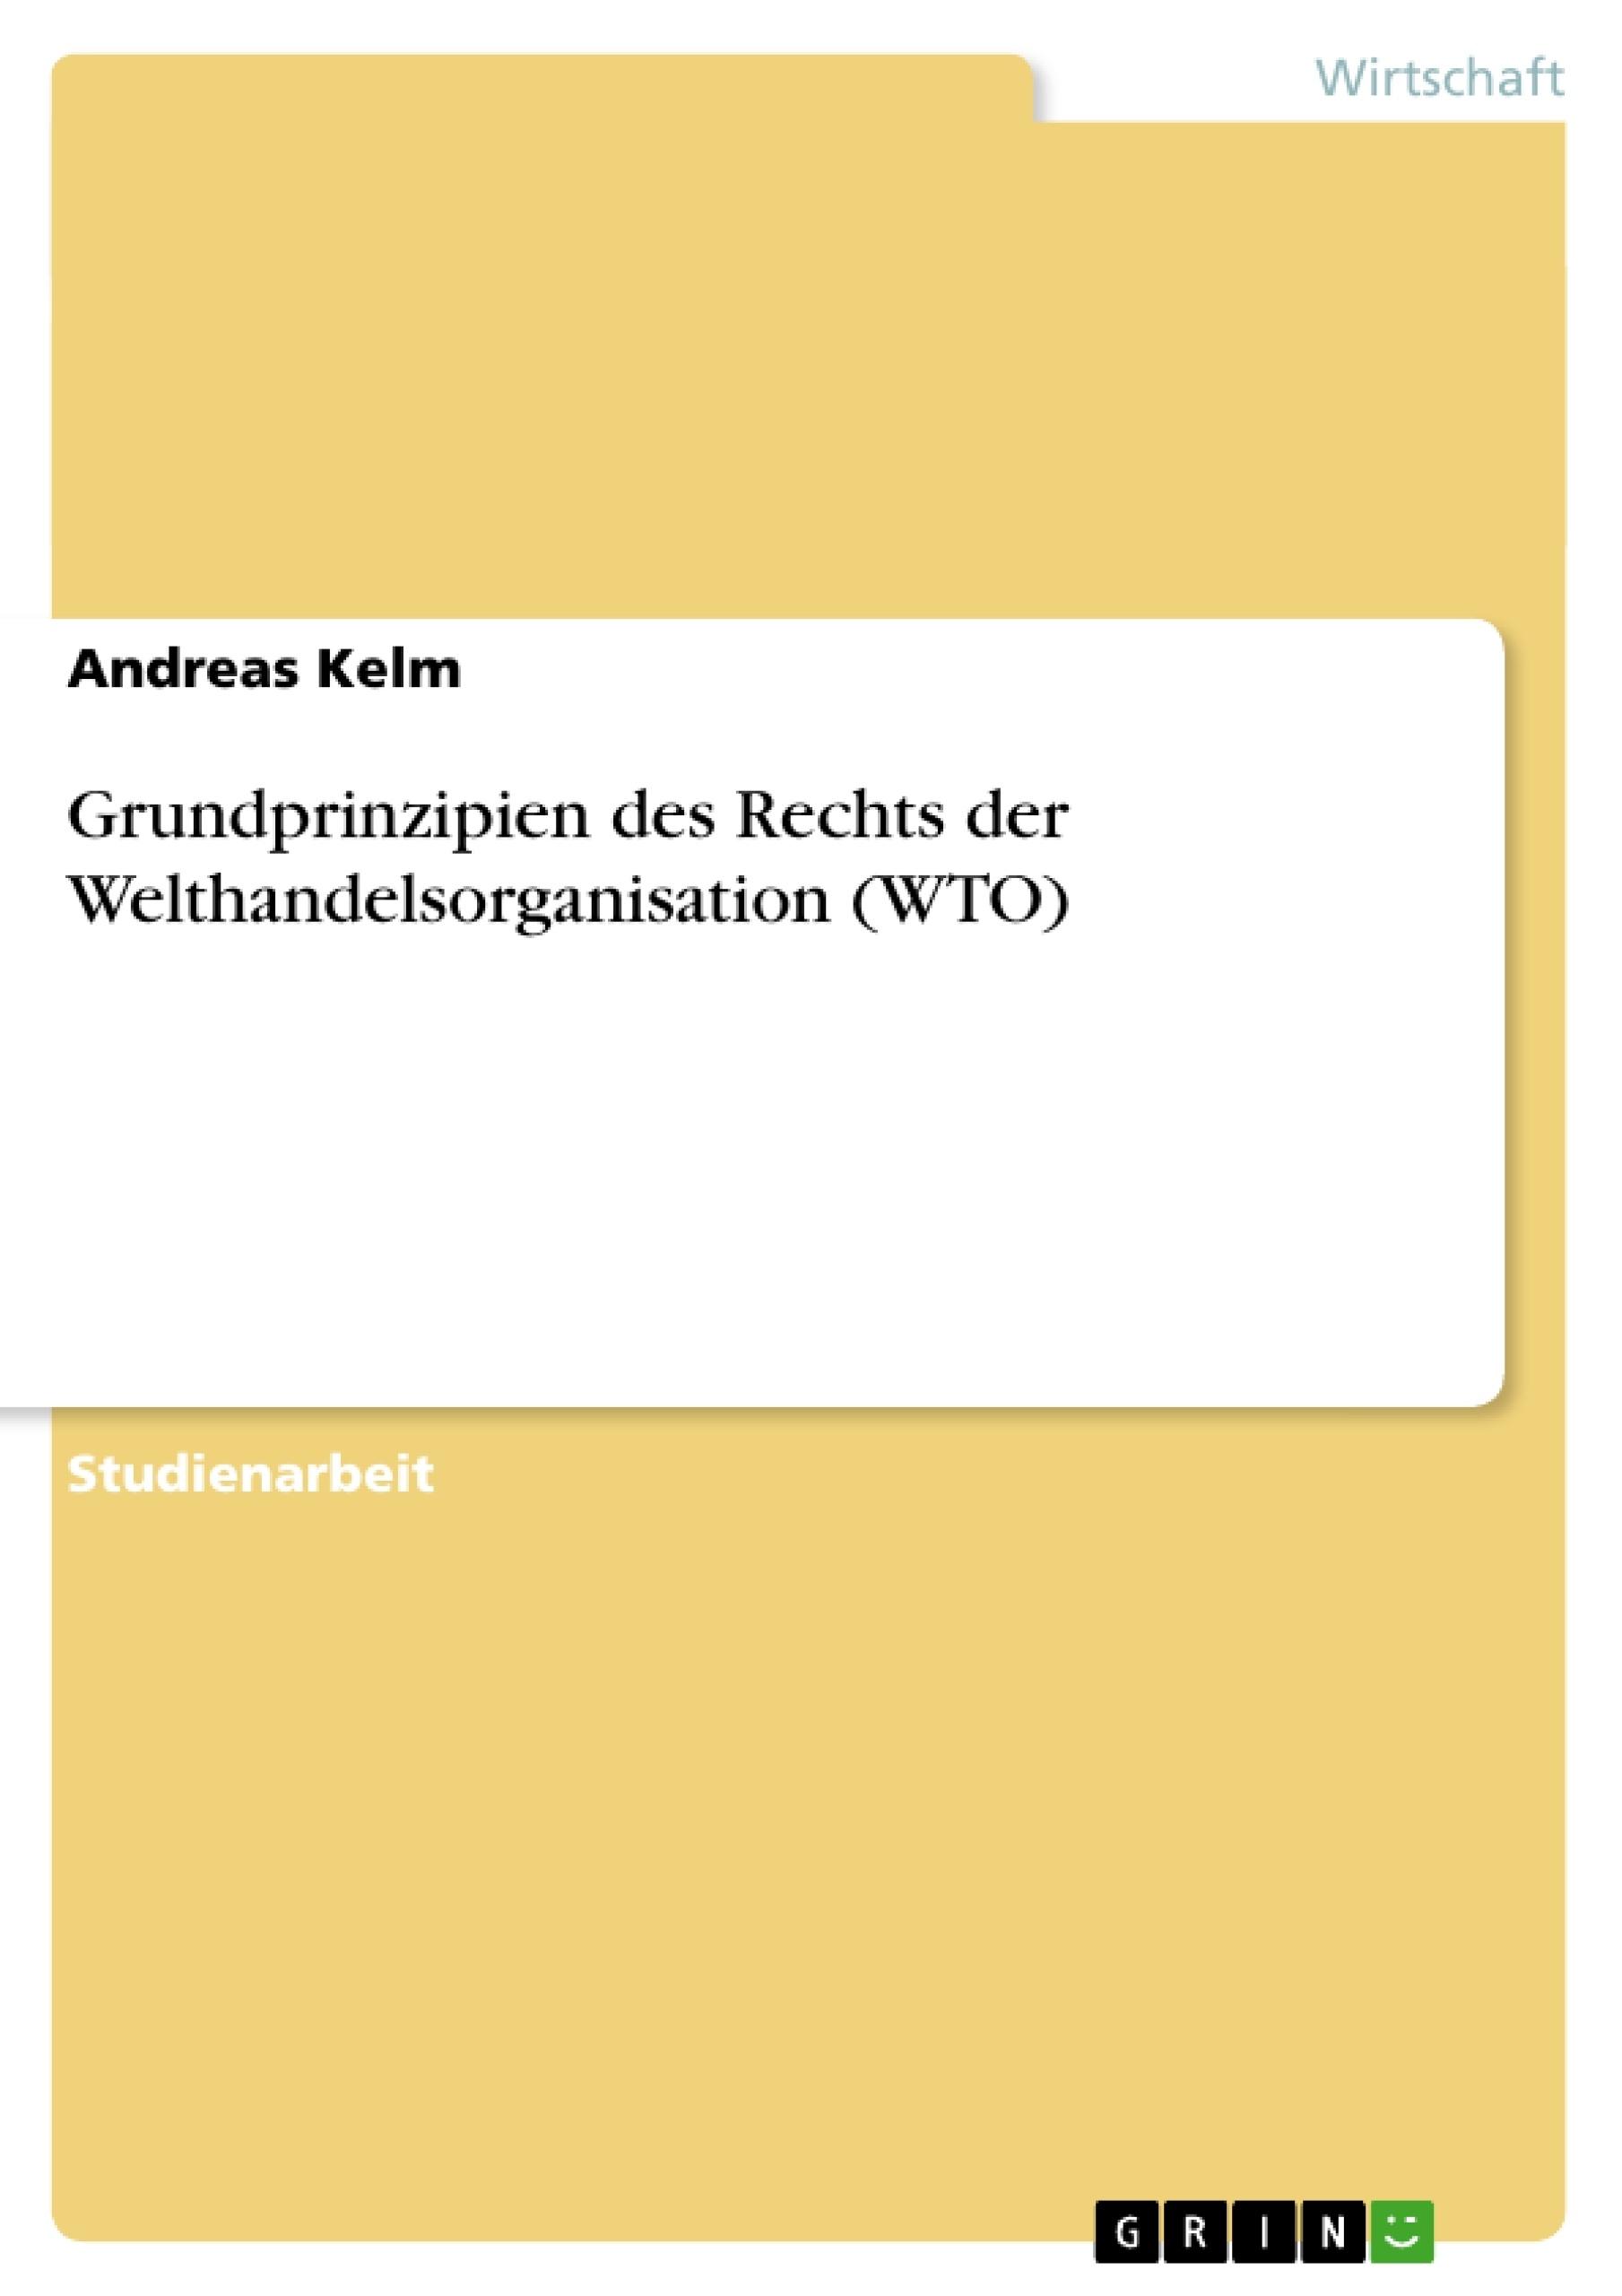 Titel: Grundprinzipien des Rechts der Welthandelsorganisation (WTO)